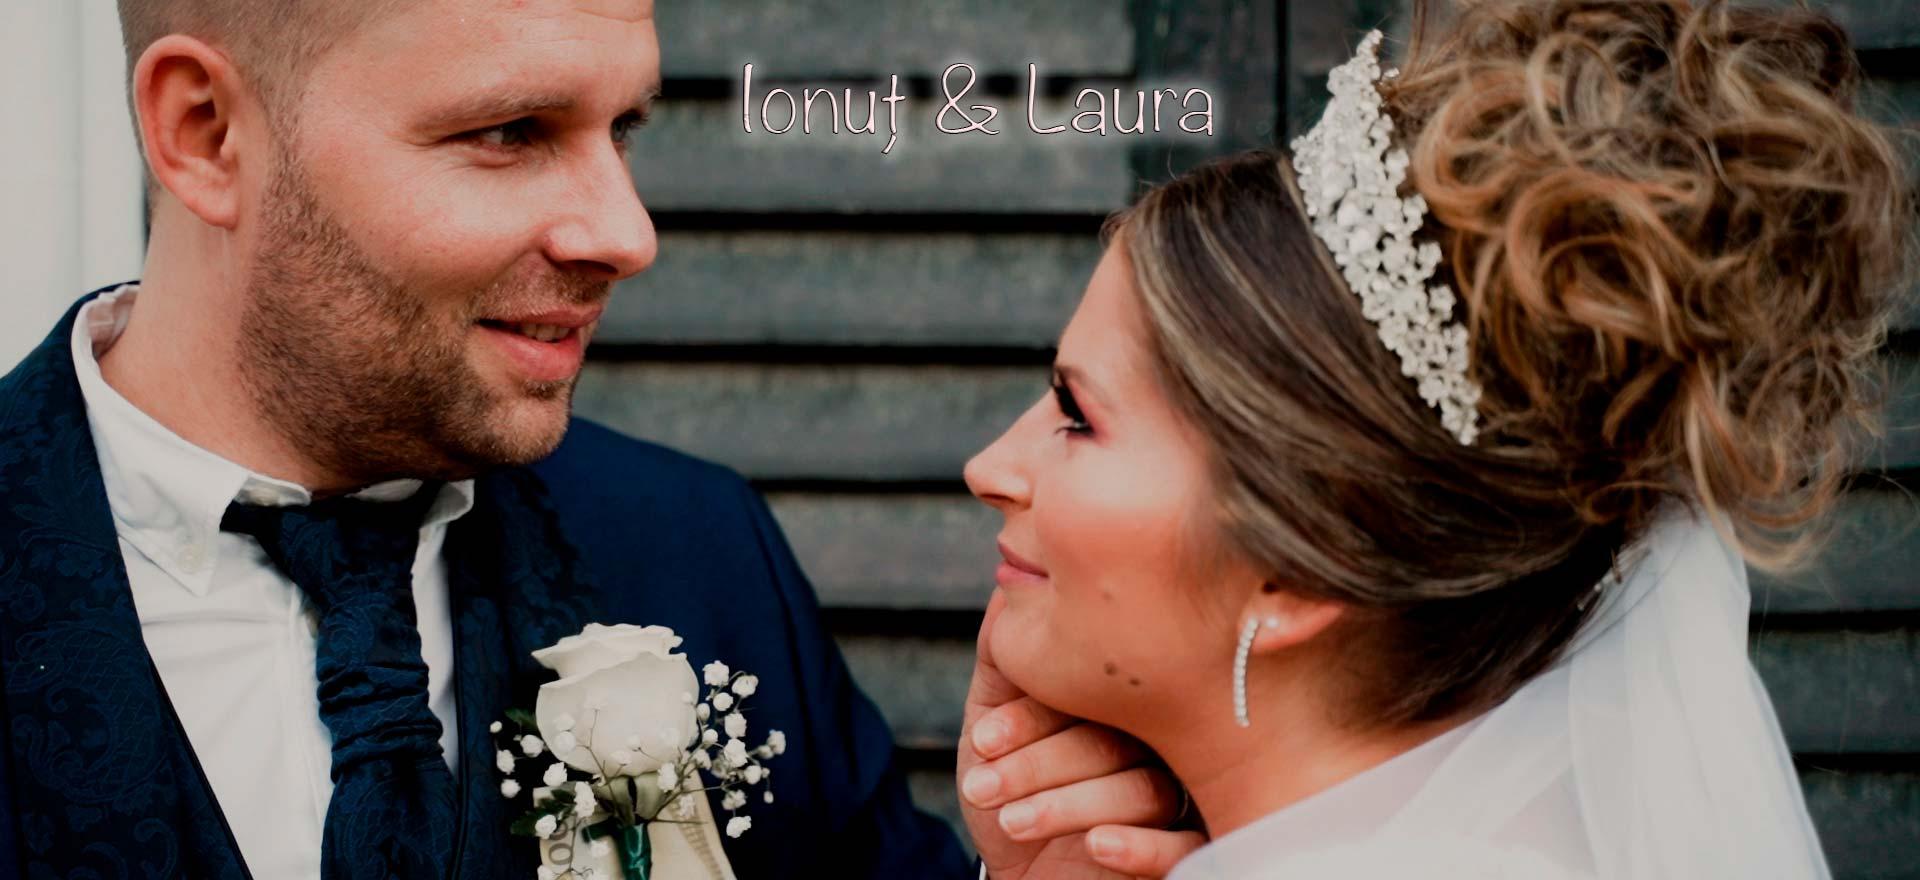 Ionut-&-Laura-nunta-Valencia